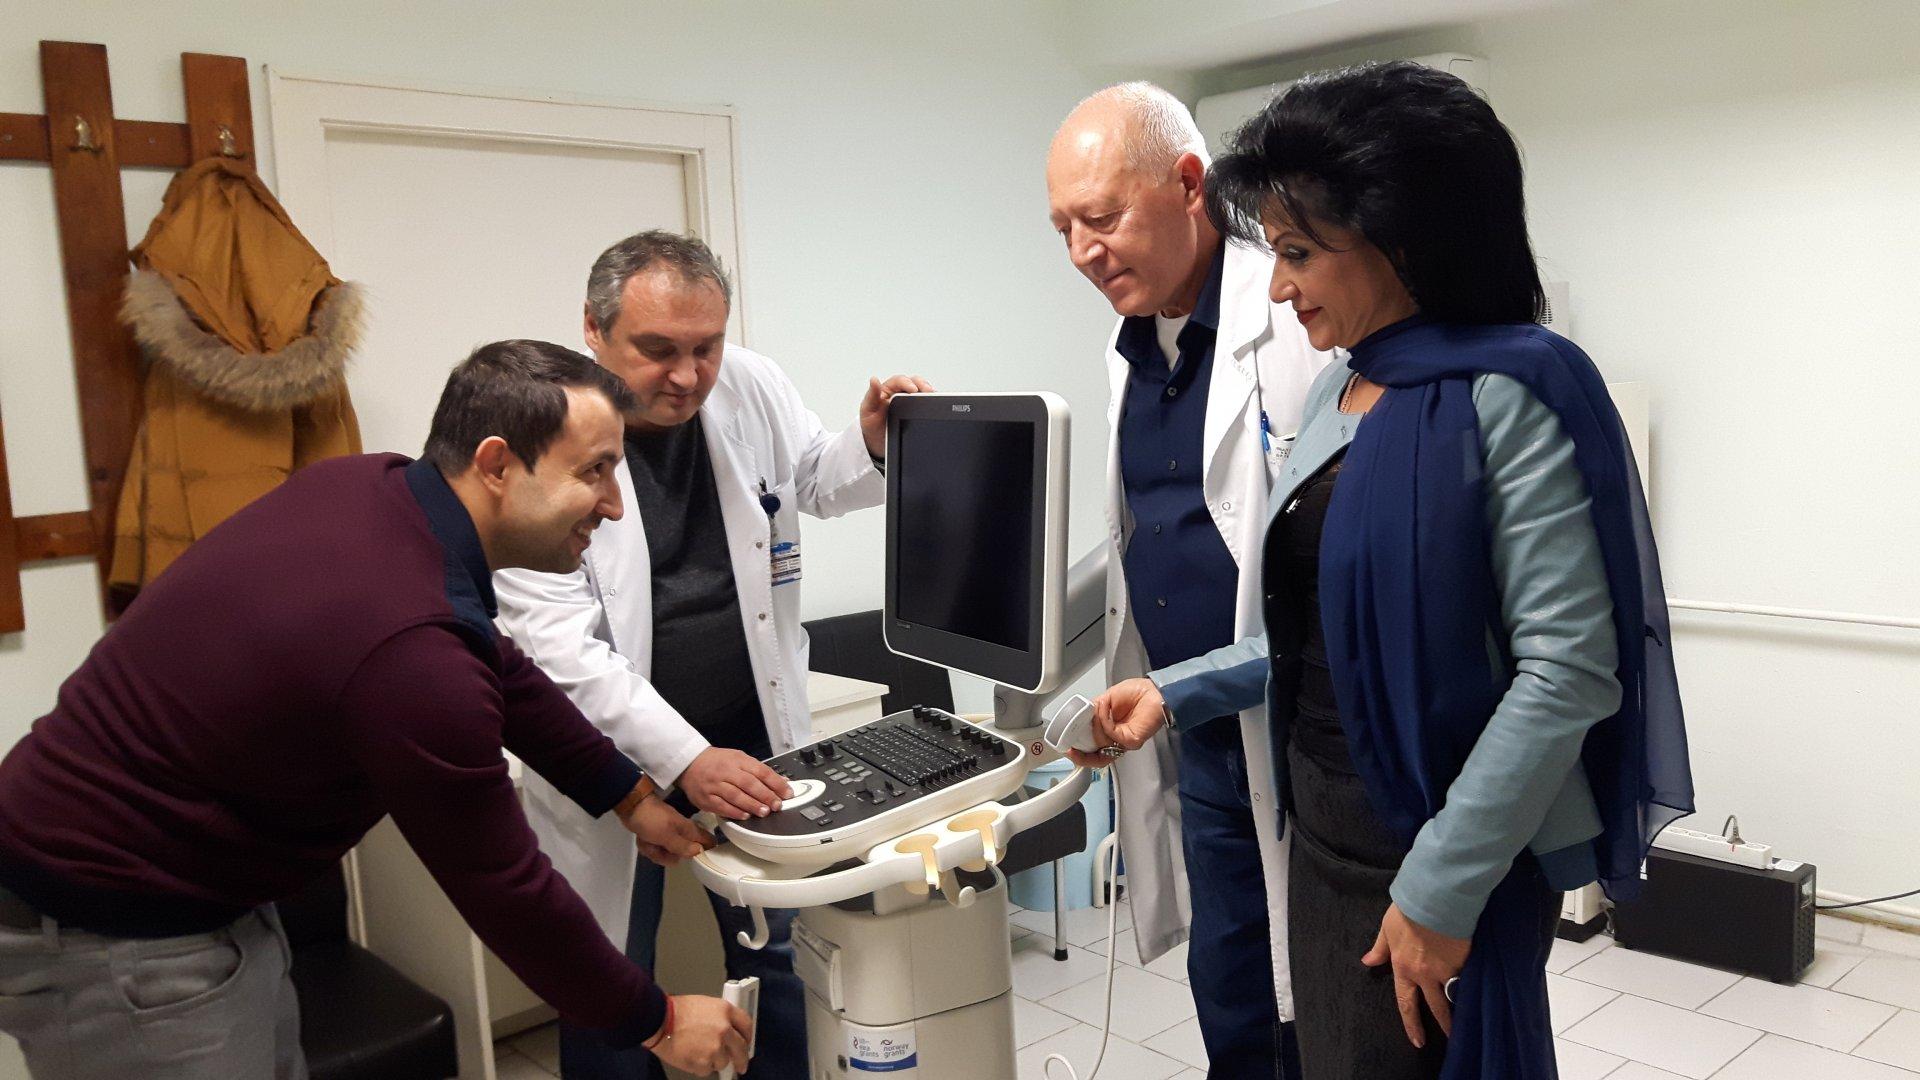 Ехографът - последно поколение Philips вече е инсталиран в Отделението по гинекология